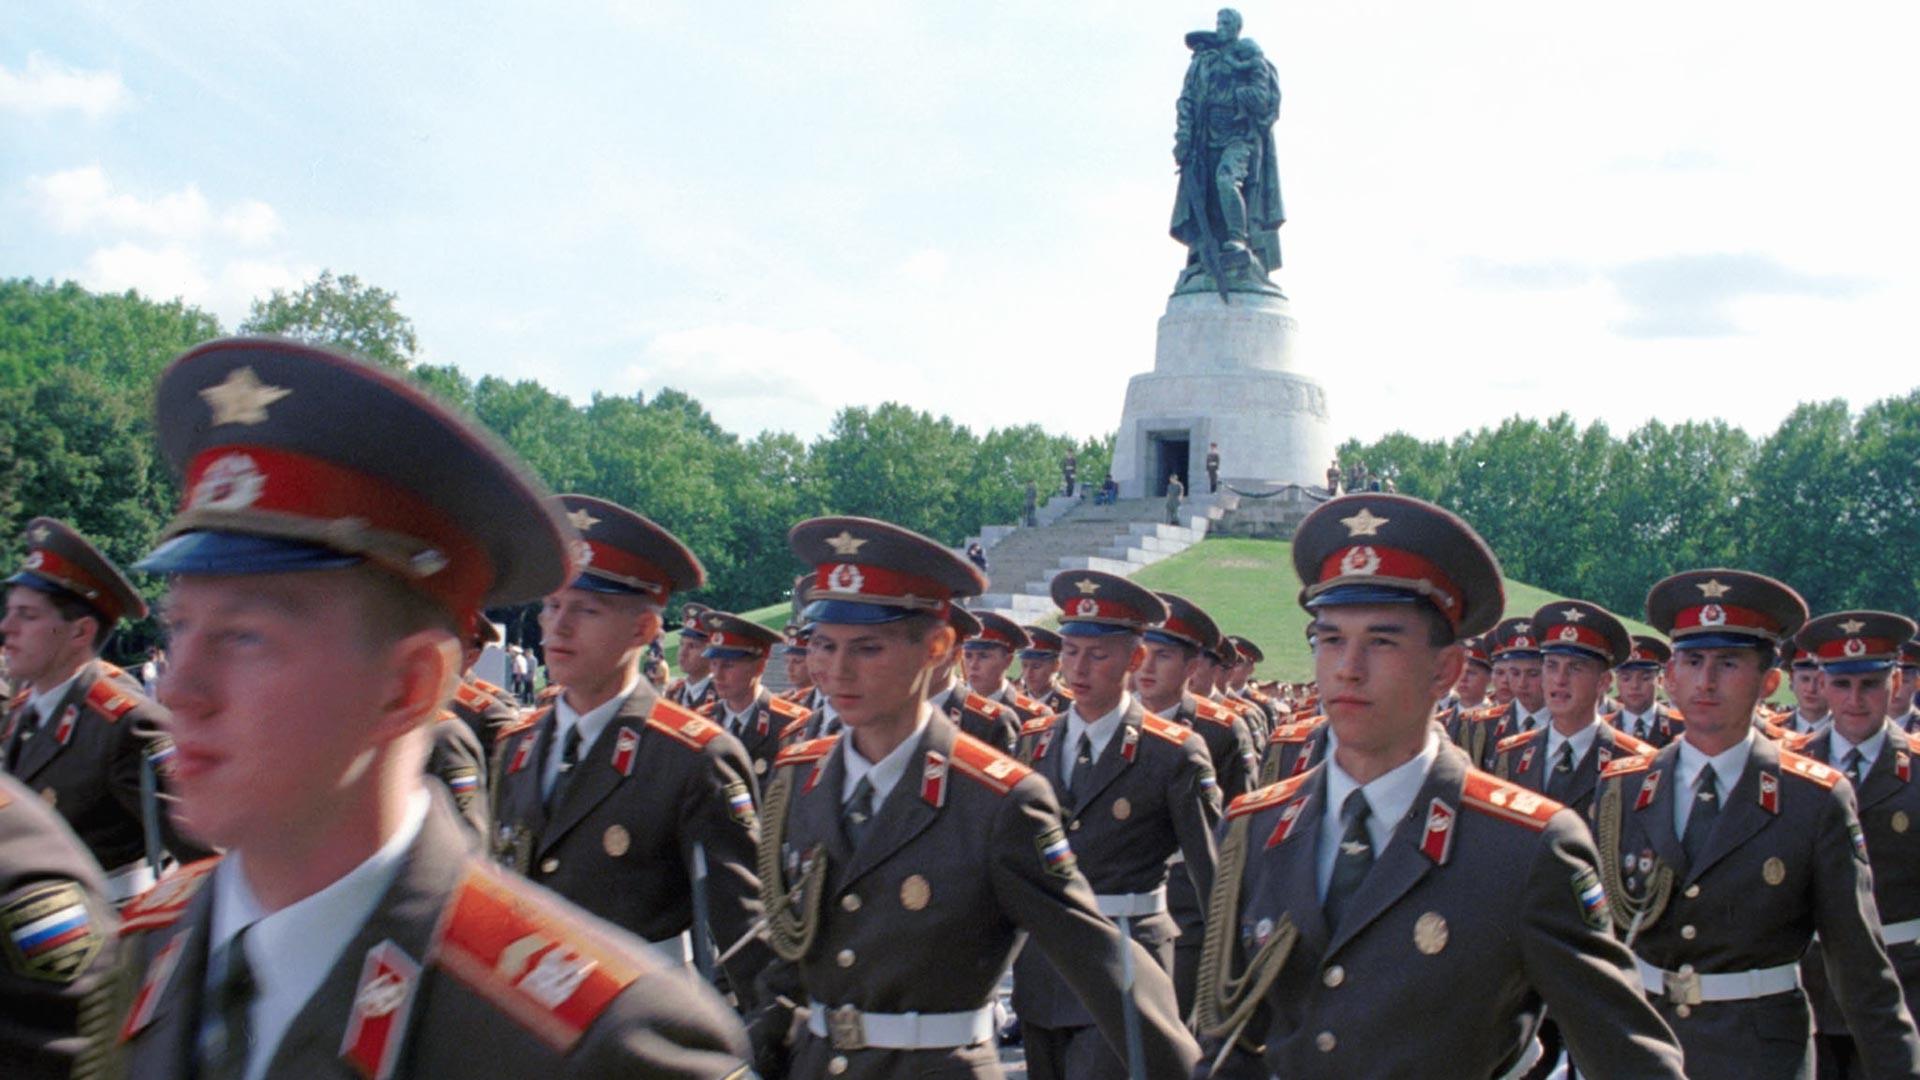 Zadnji ruski vojaki zapuščajo Nemčijo.